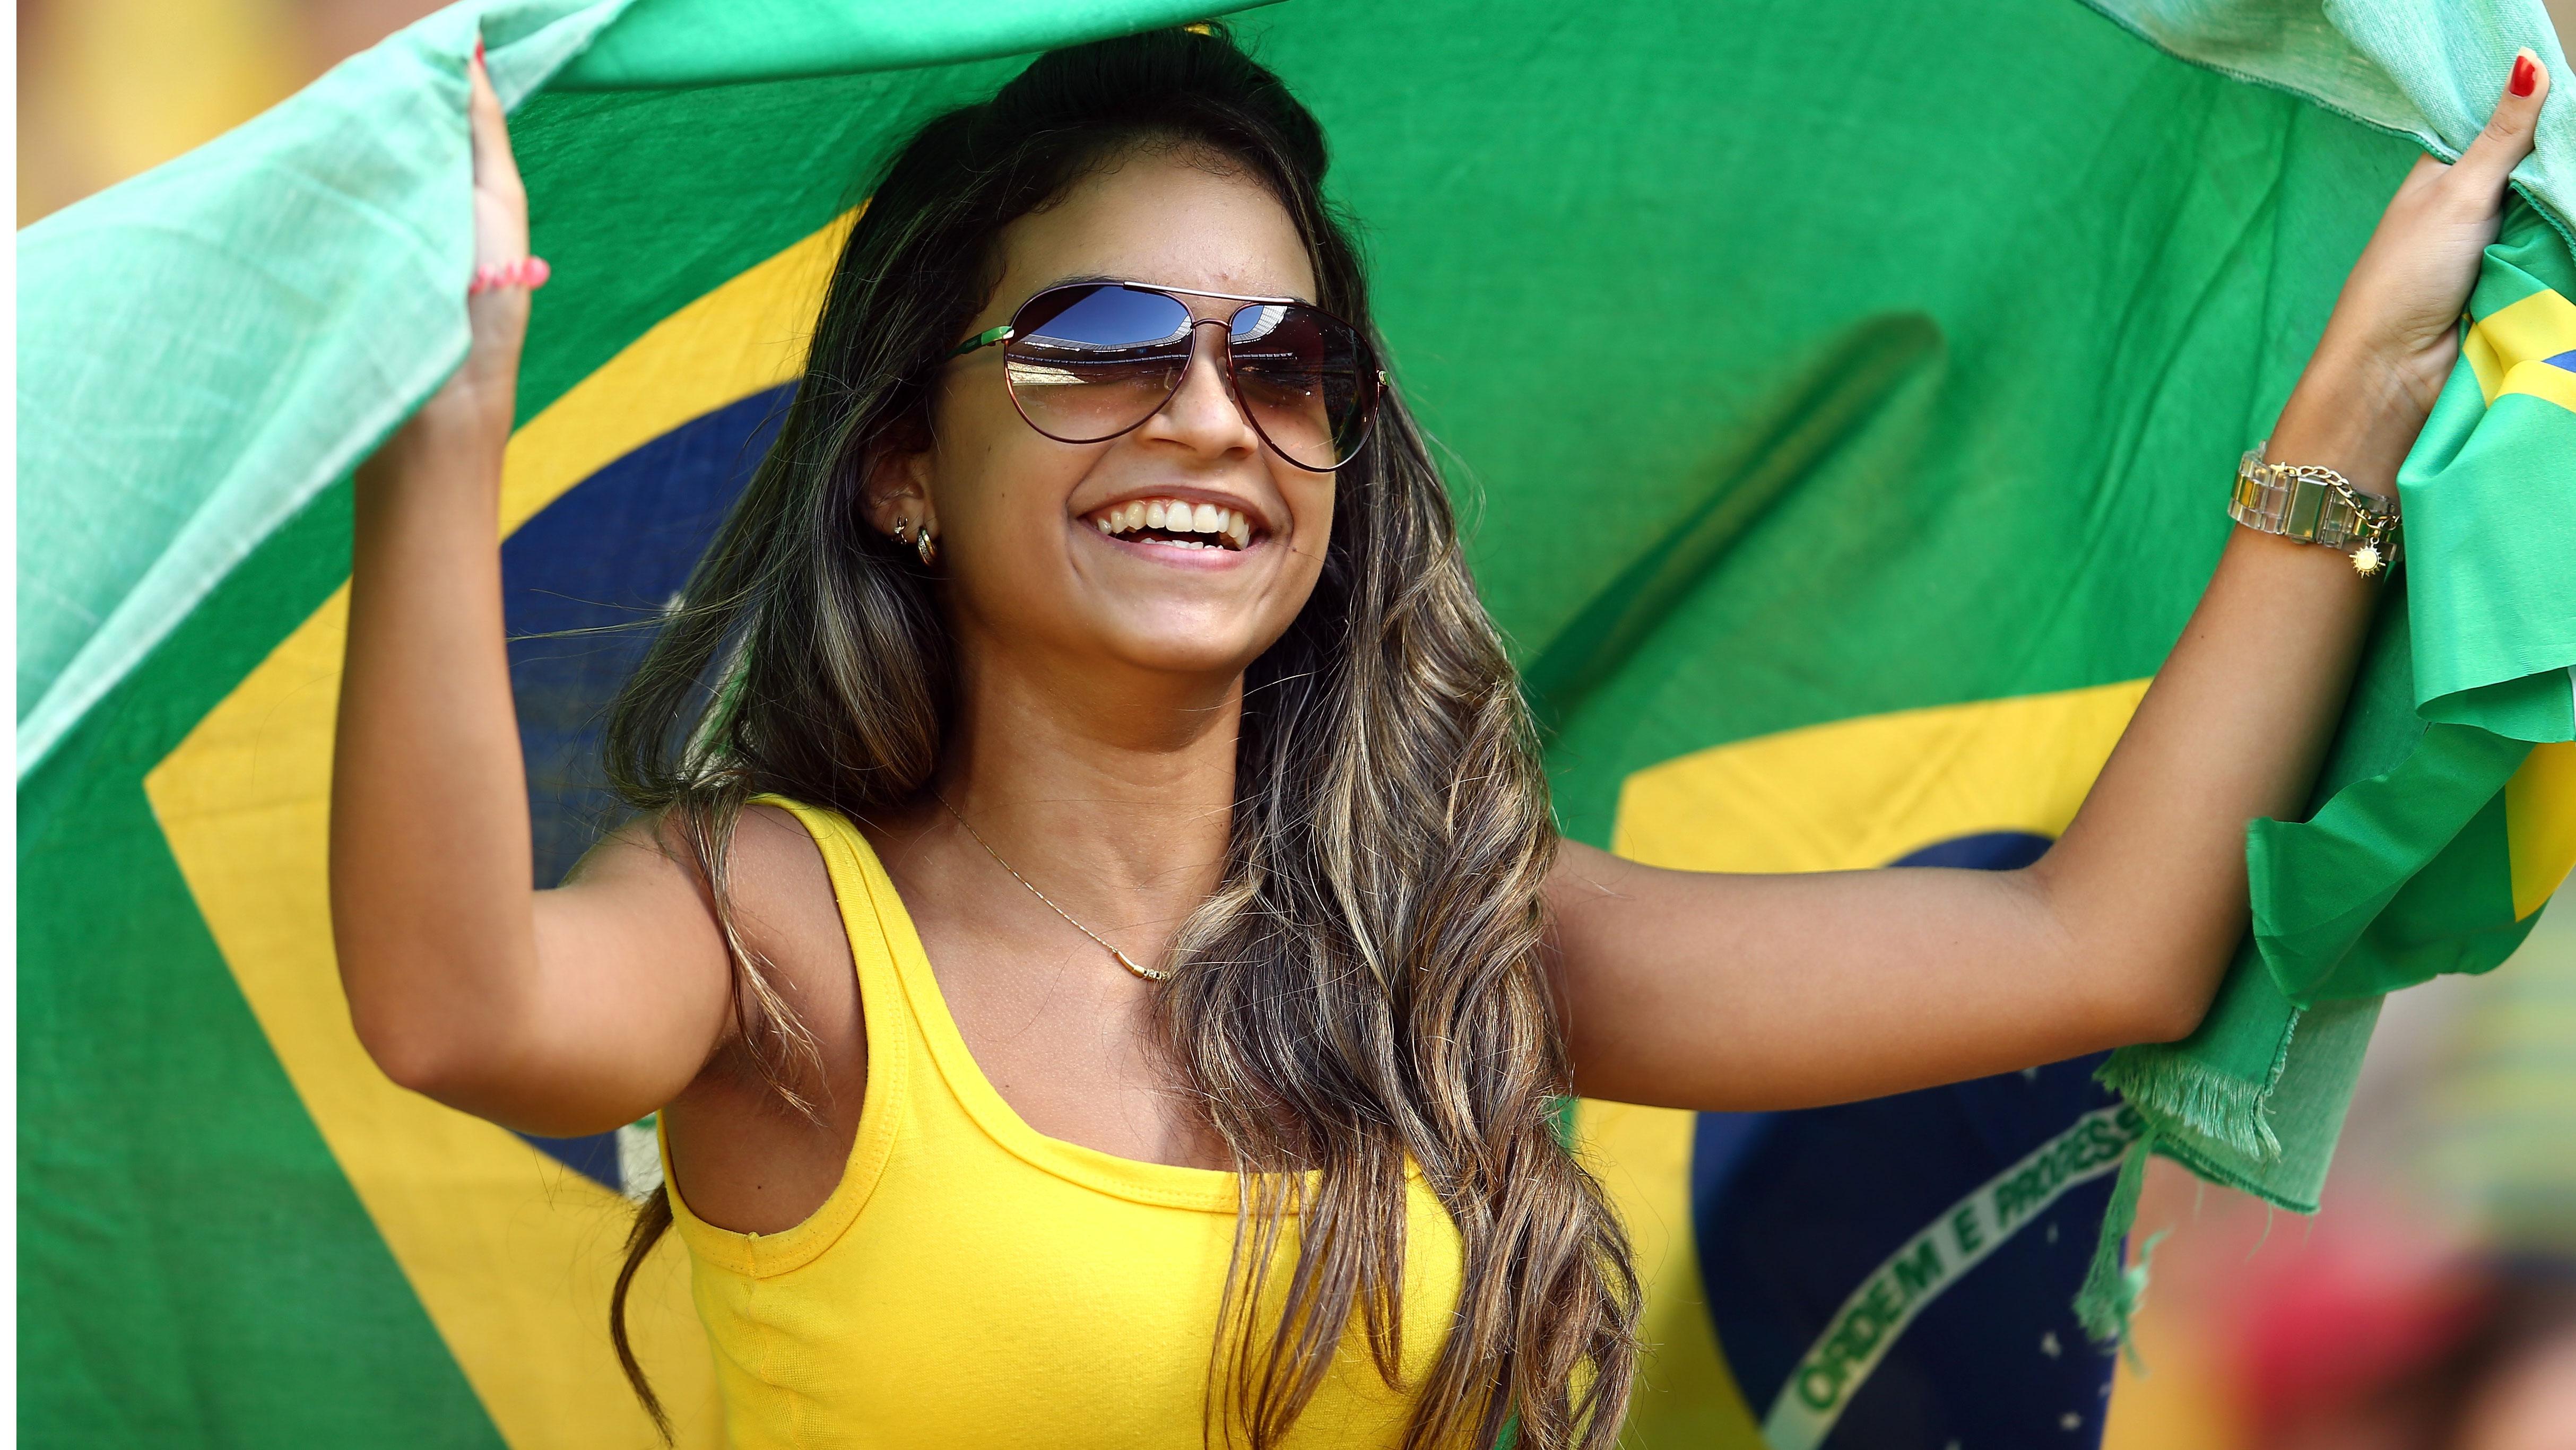 Brasilianische frauen suchen männer